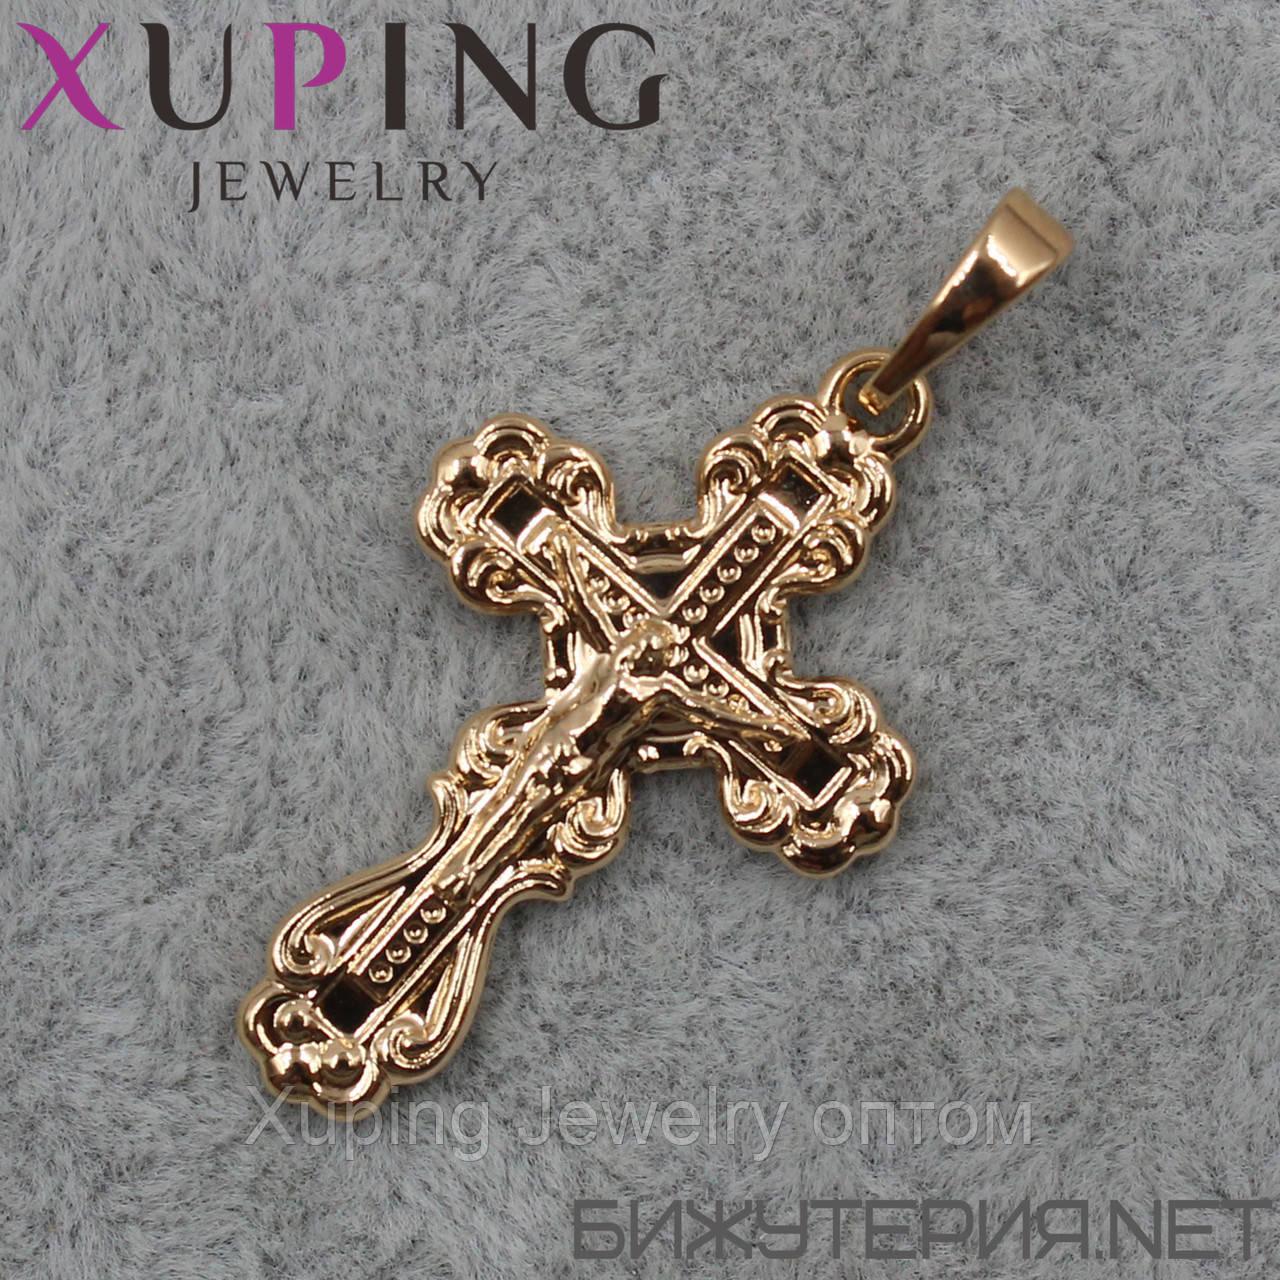 Крестик Xuping медицинское золото 18K Gold - 1020450507